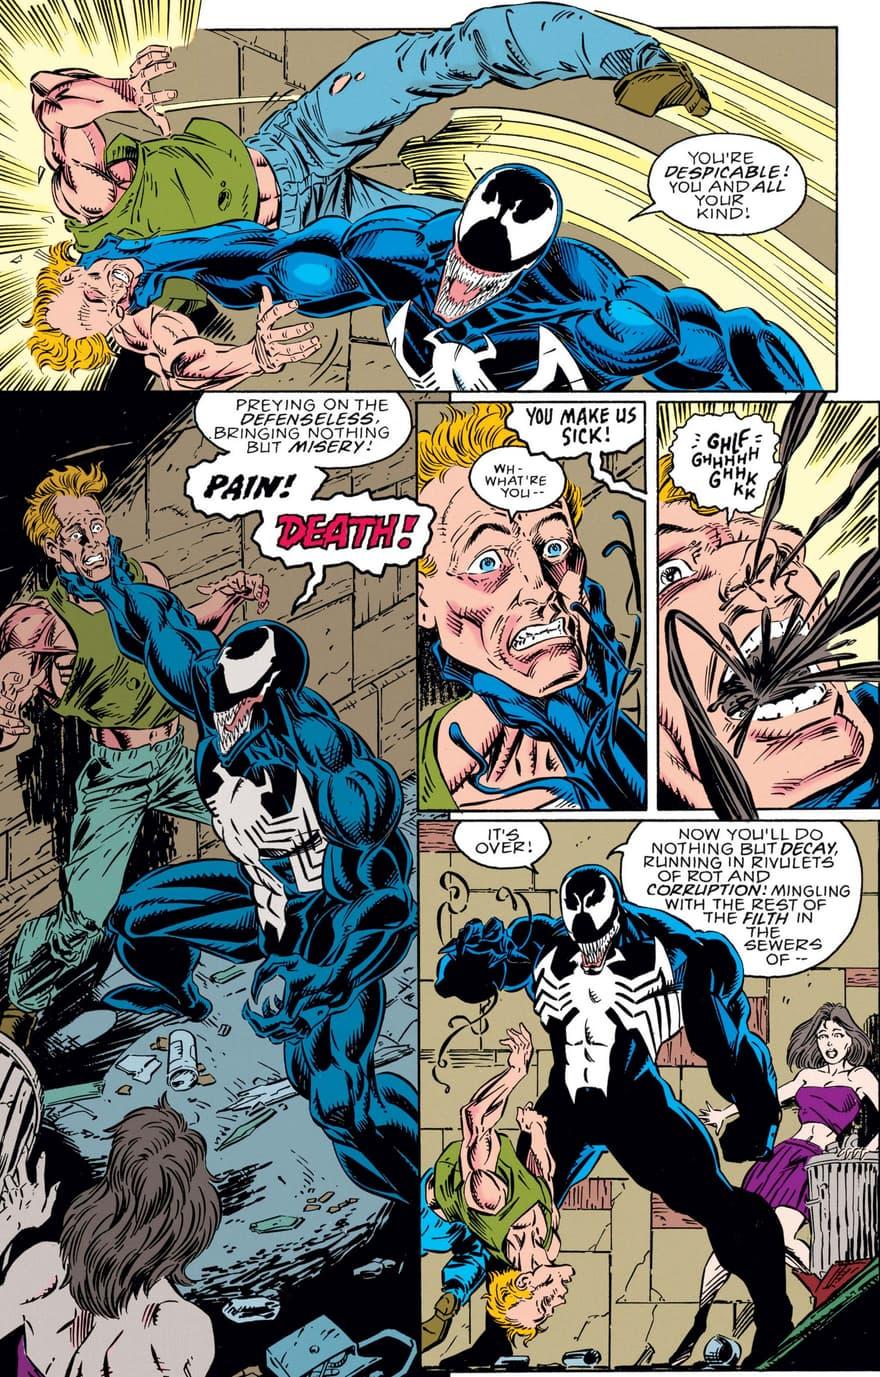 Venom stops a mugger